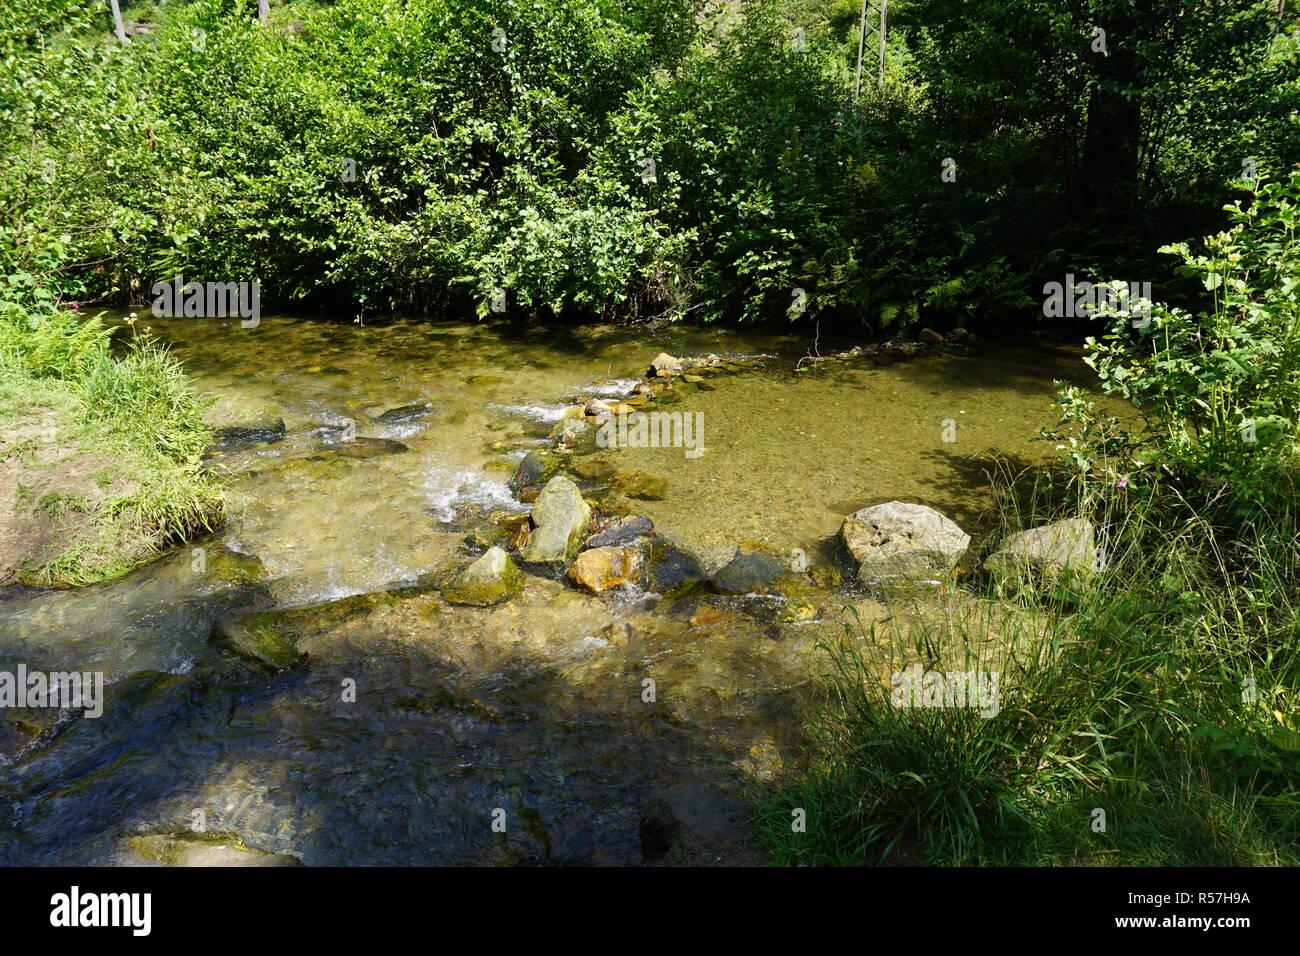 landscape photography - Stock Image